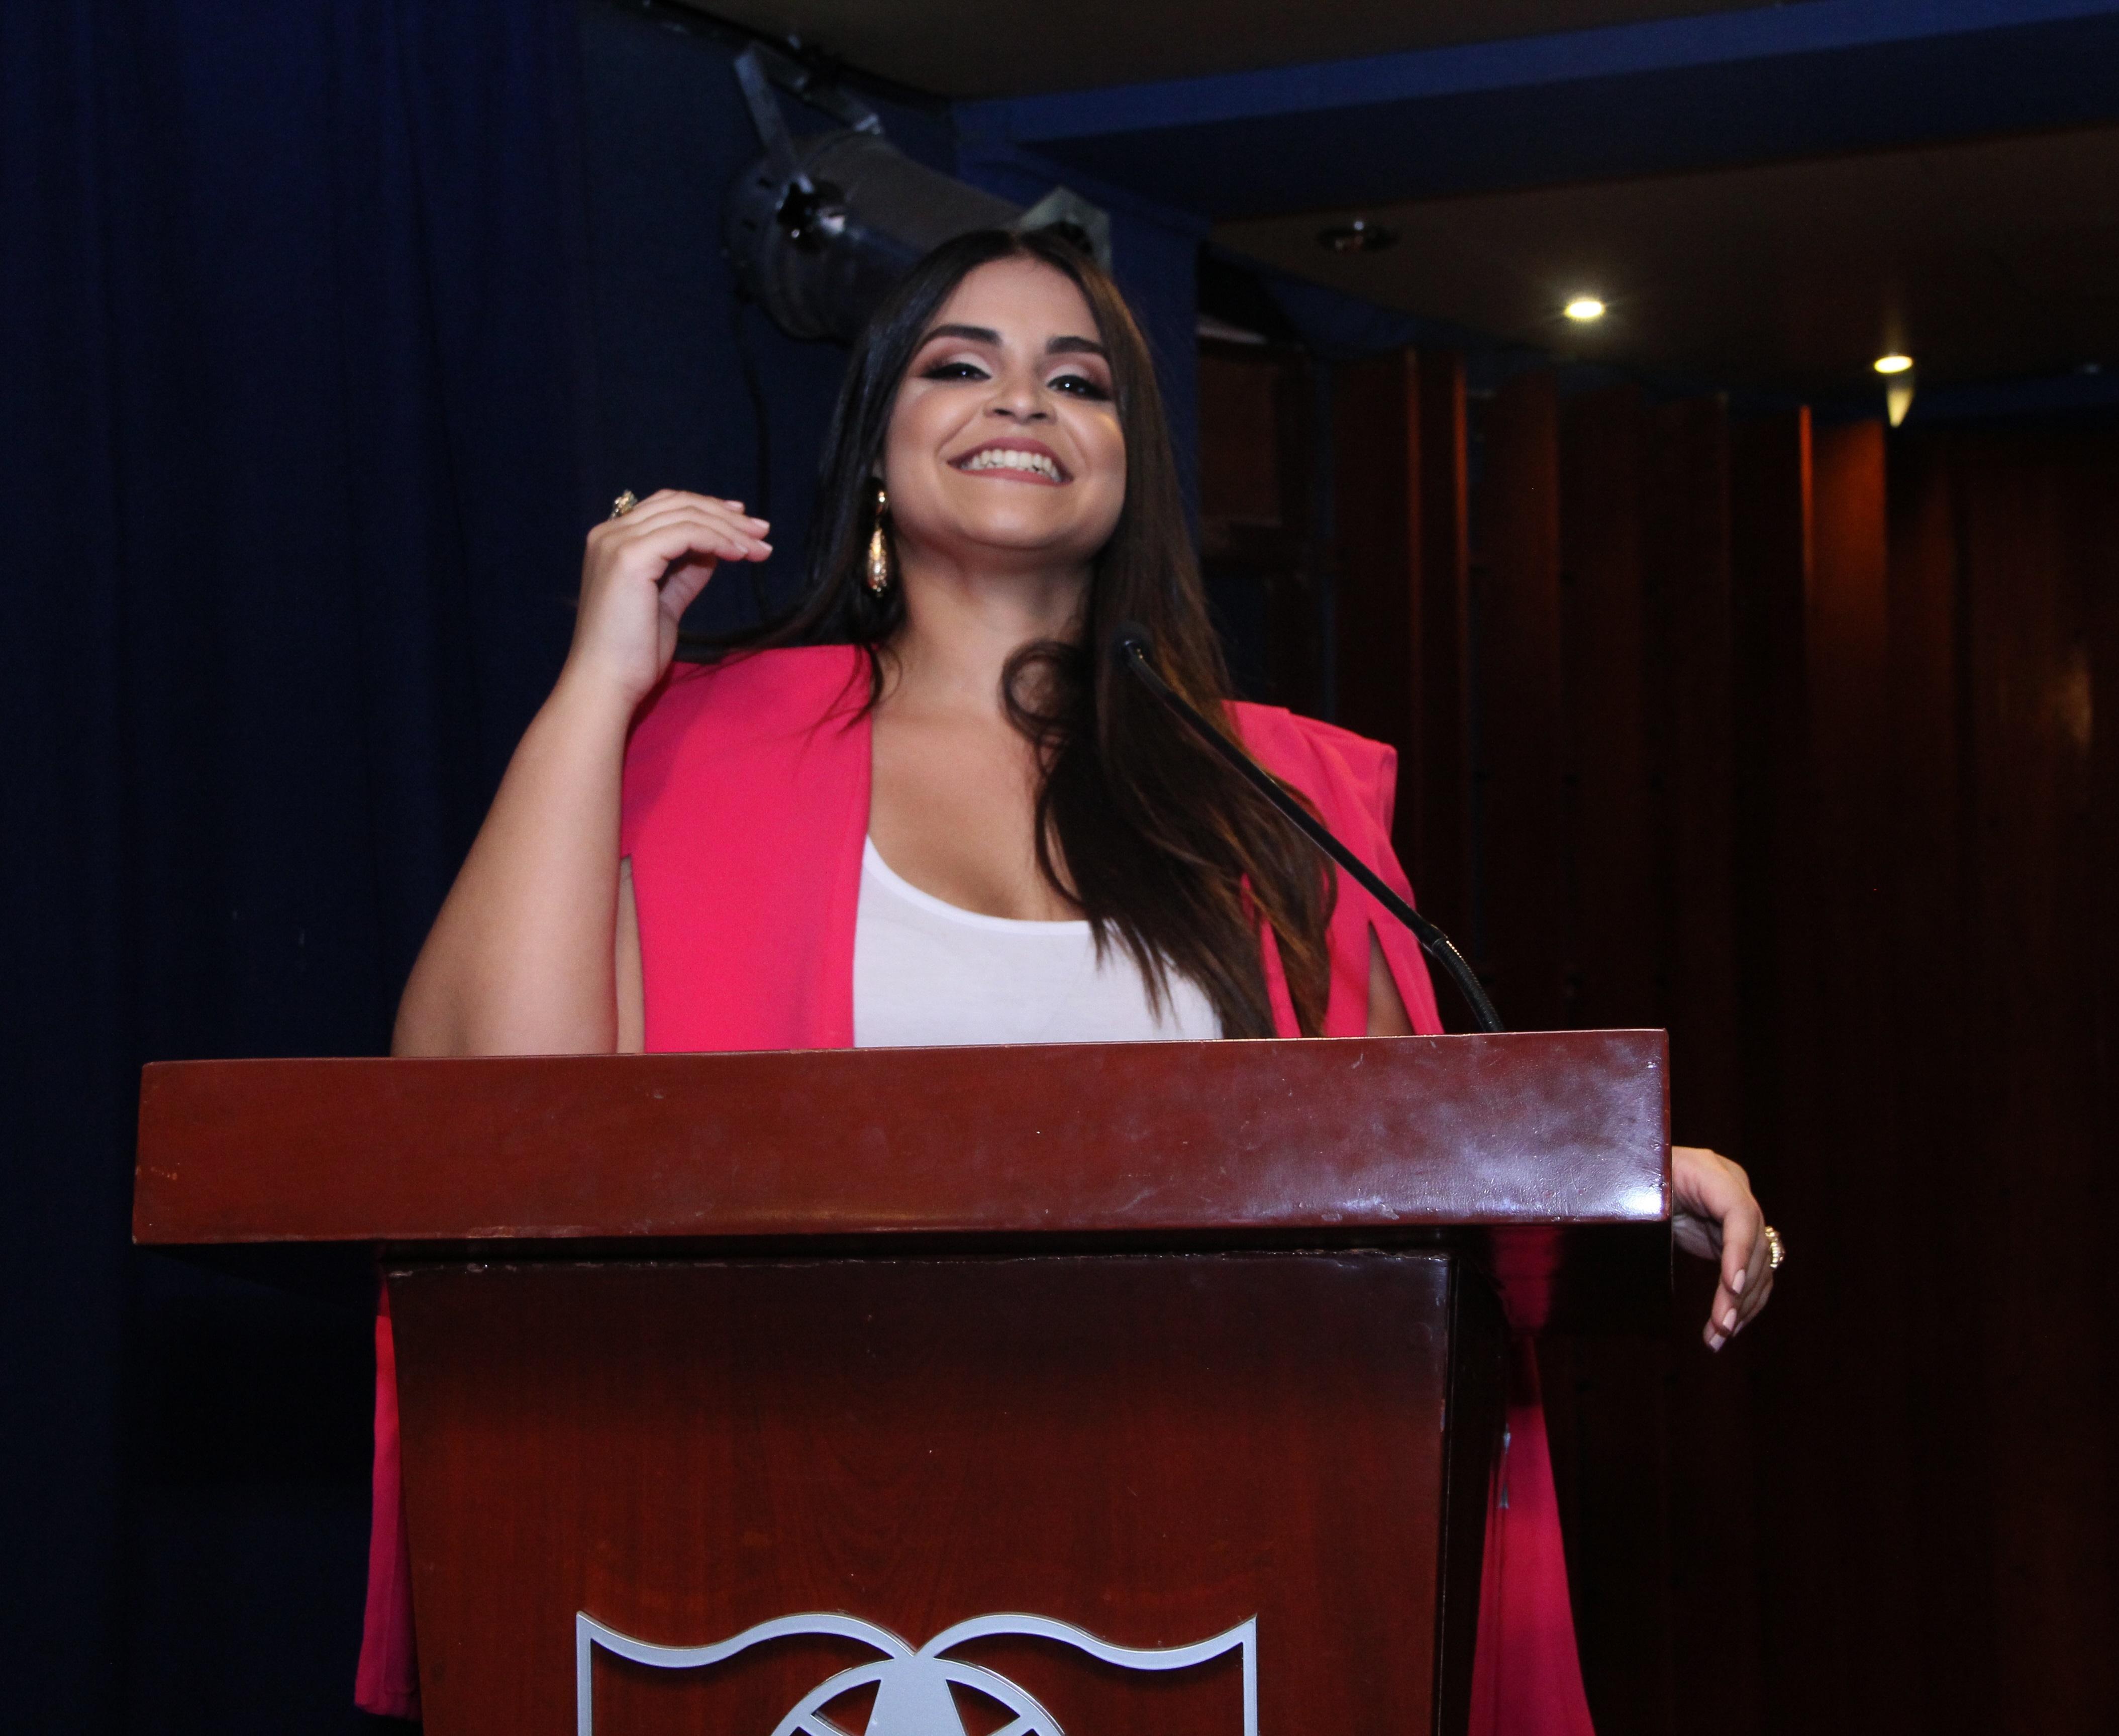 Anamía Abreu, bloguera y maquillista profesional, graduada de la escuela Makeup Designory en la ciudad de NY y propietaria de la marca Anamía Makeup Artist.